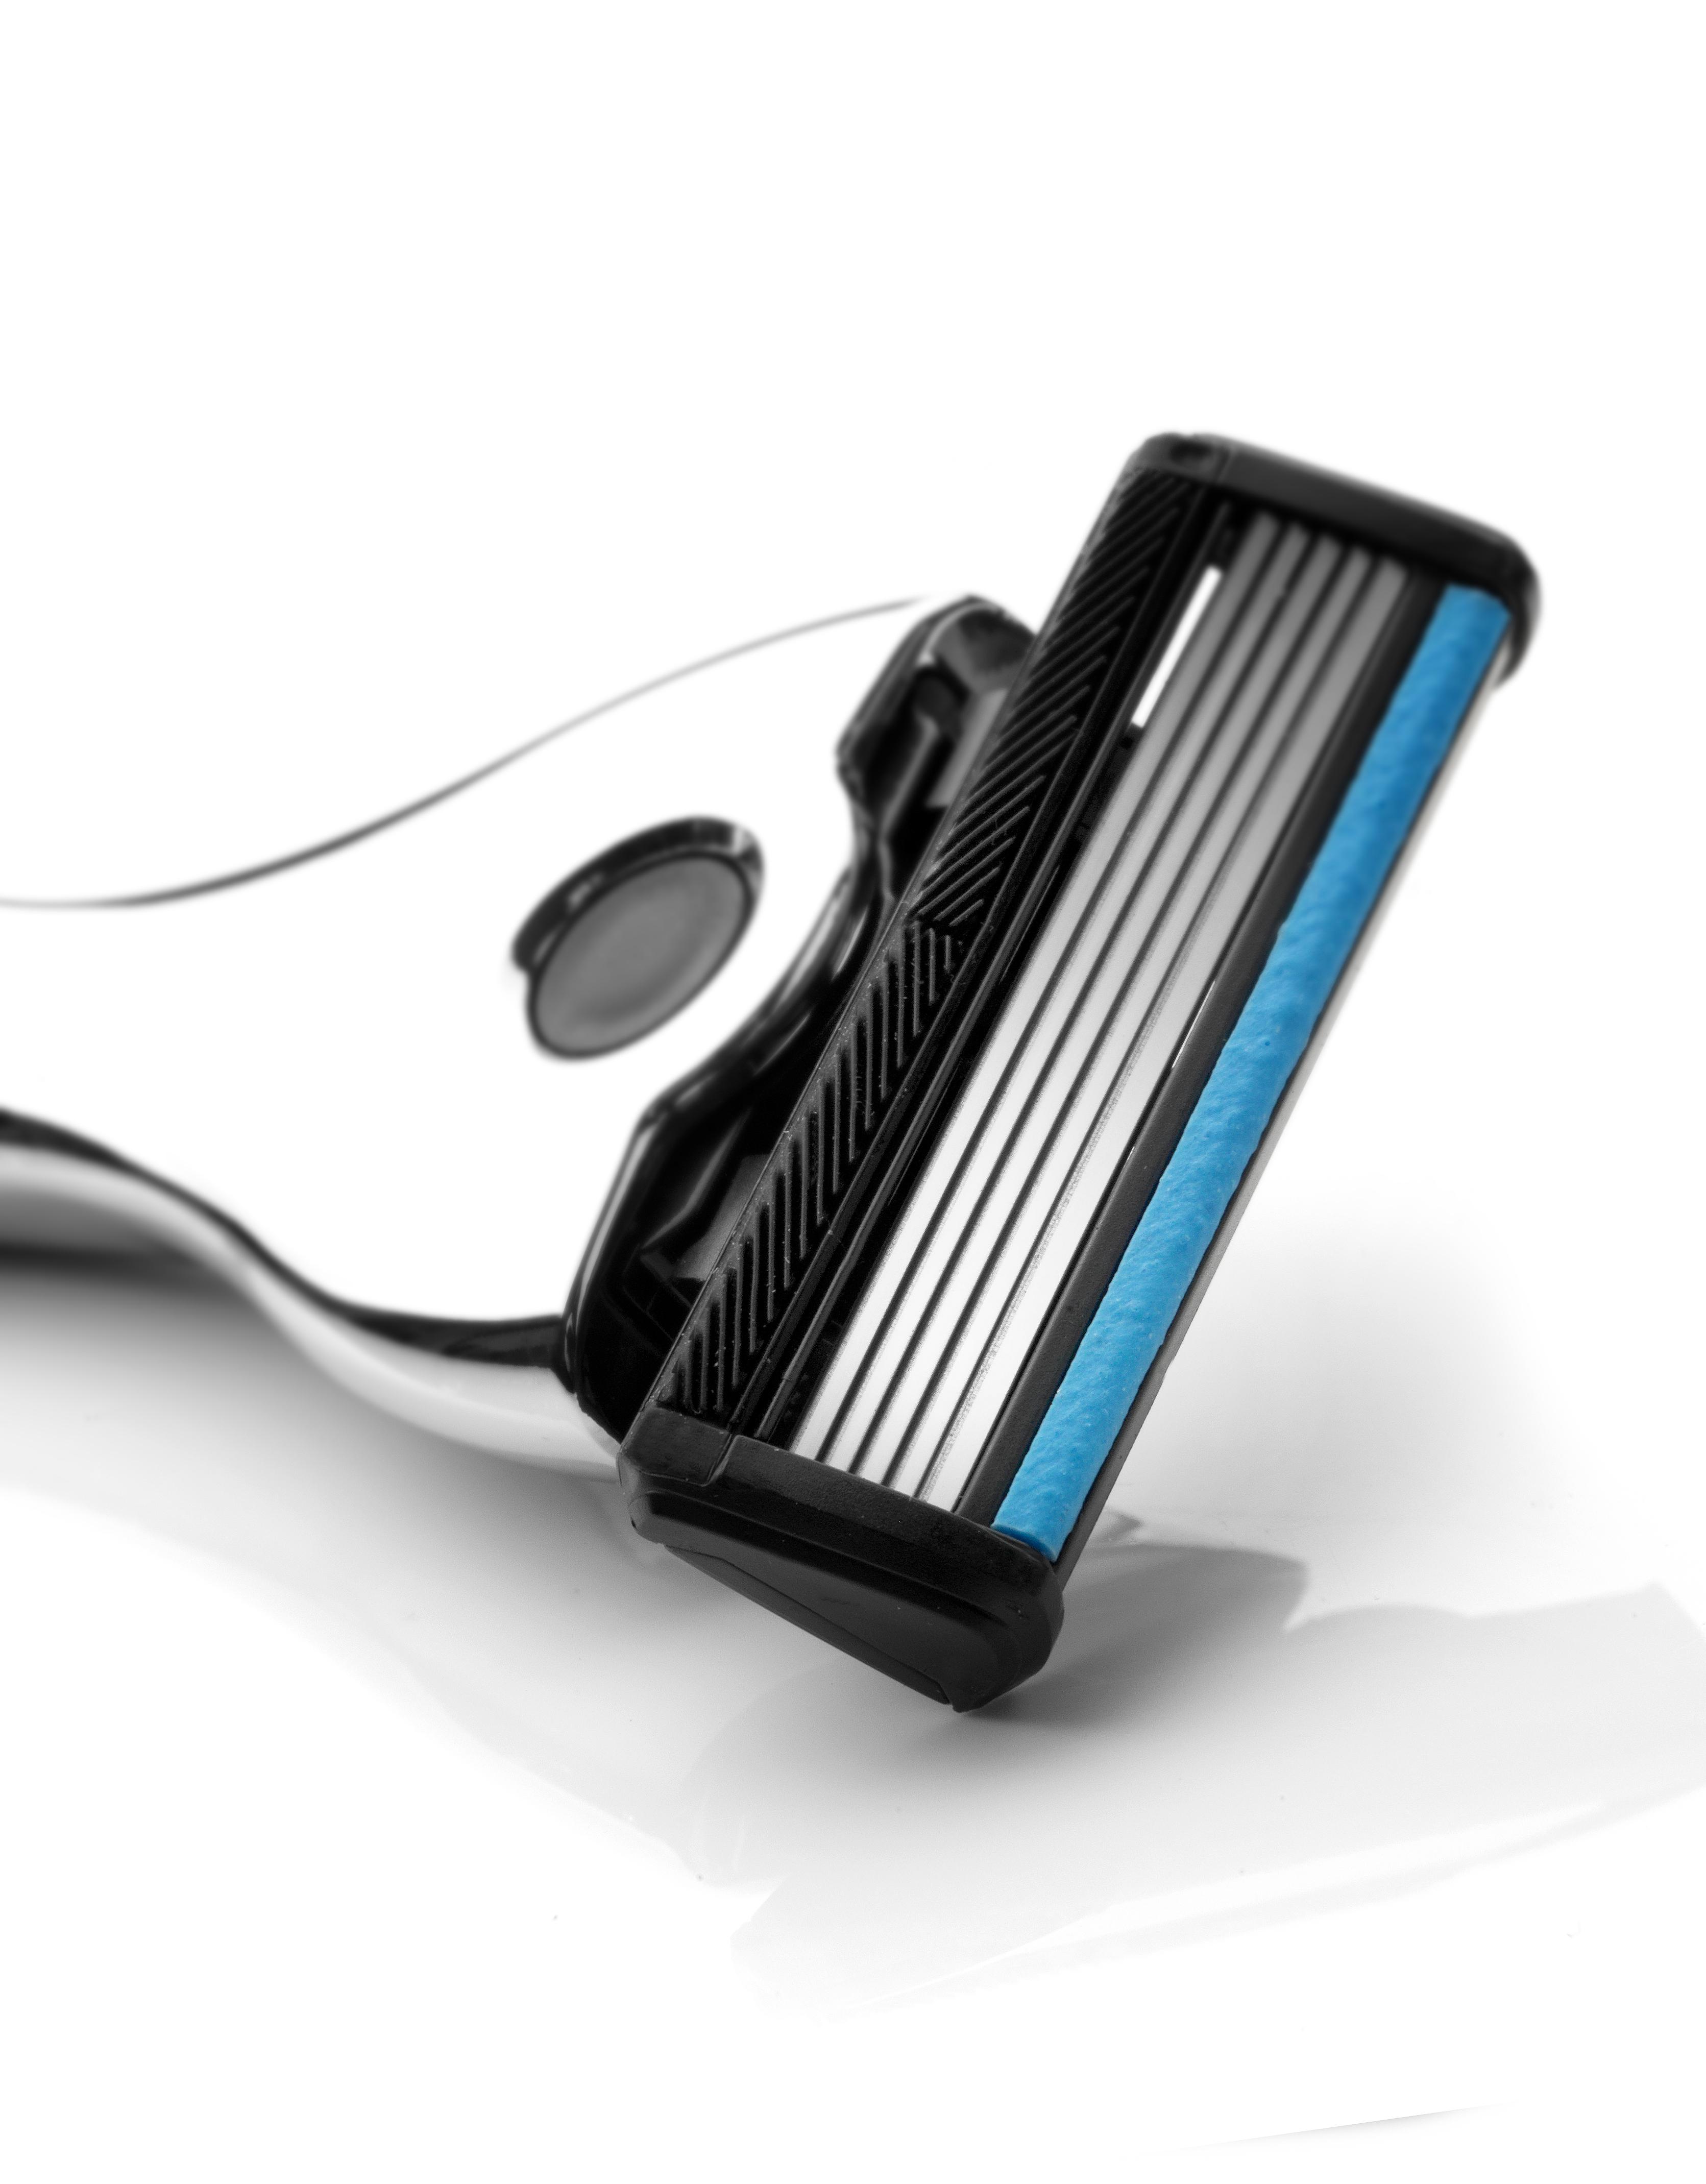 Cornerstone's new razor